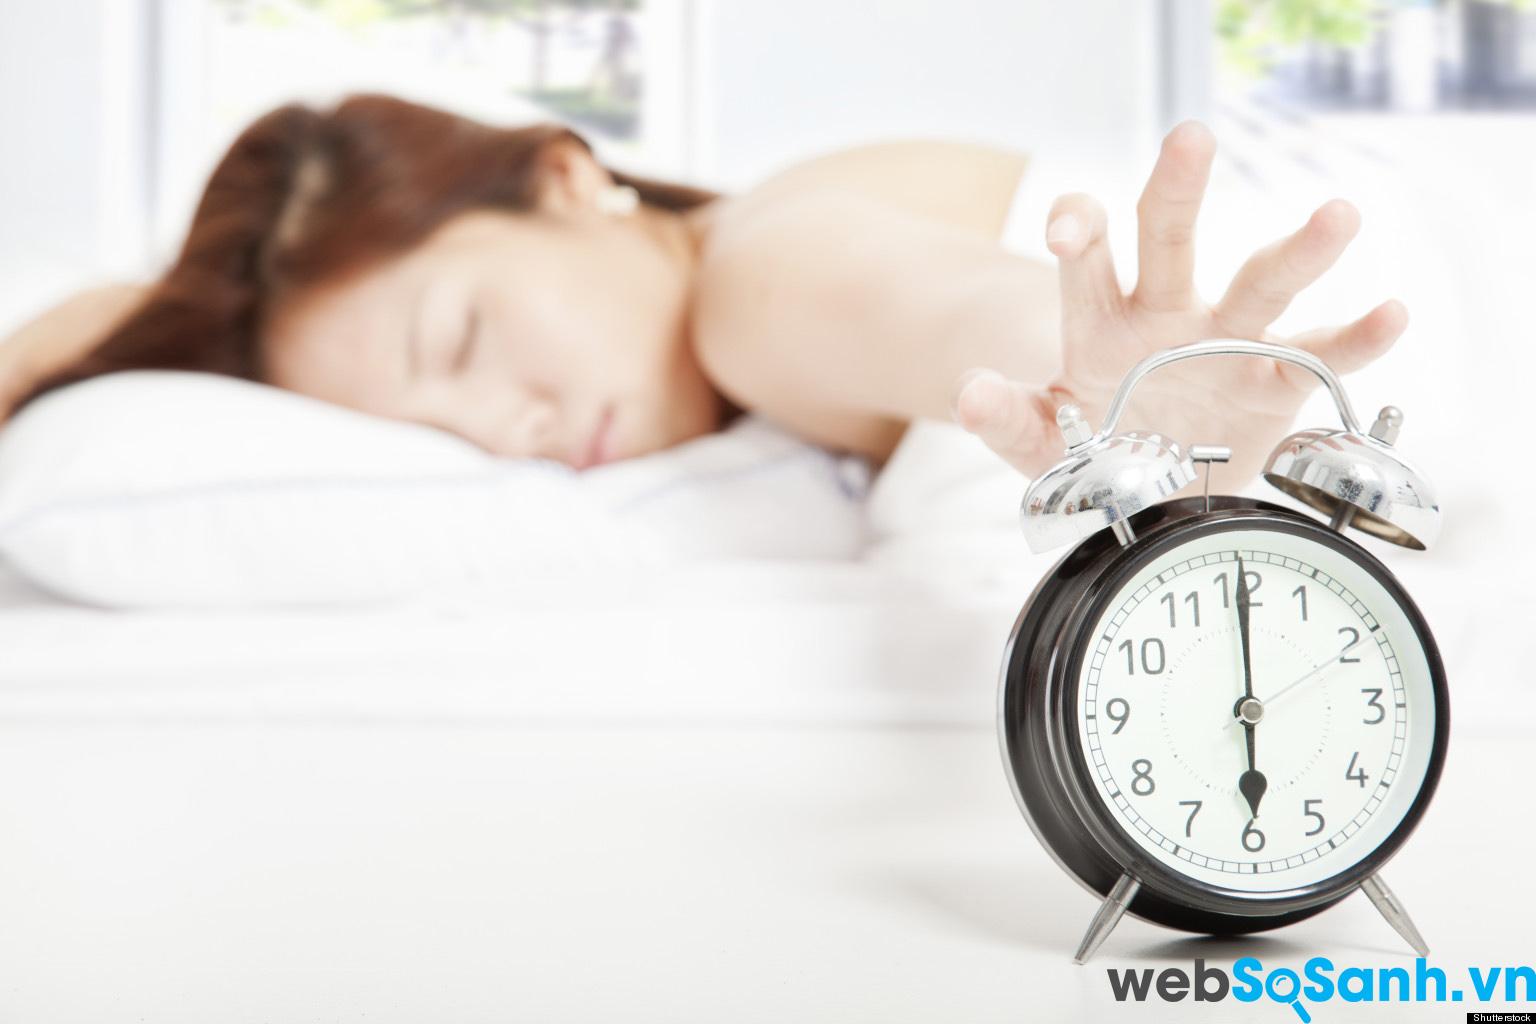 Để đồng hồ báo thức xa giường ngủ sẽ giúp bạn tỉnh dậy nhanh hơn